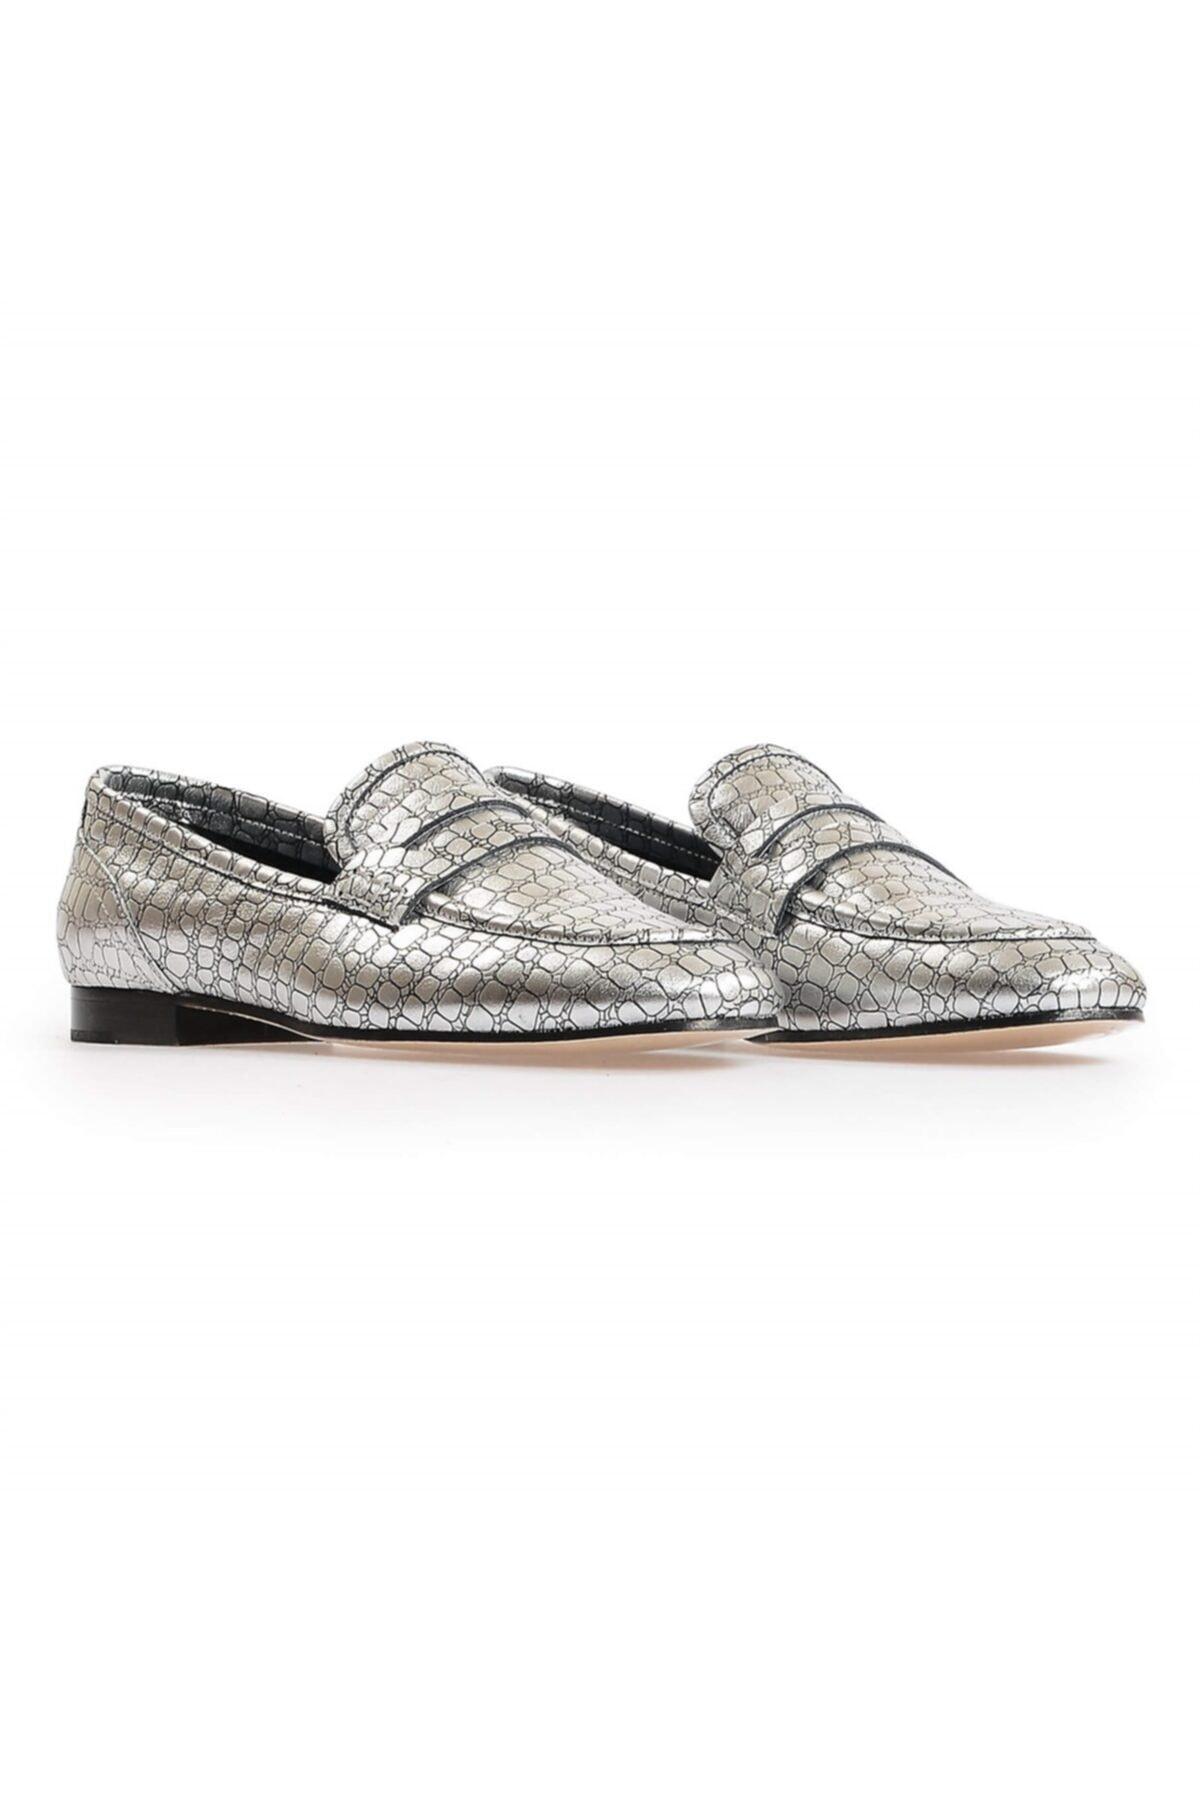 Flower Gümüş Kroko Deri Kadın Loafer Ayakkabı 2